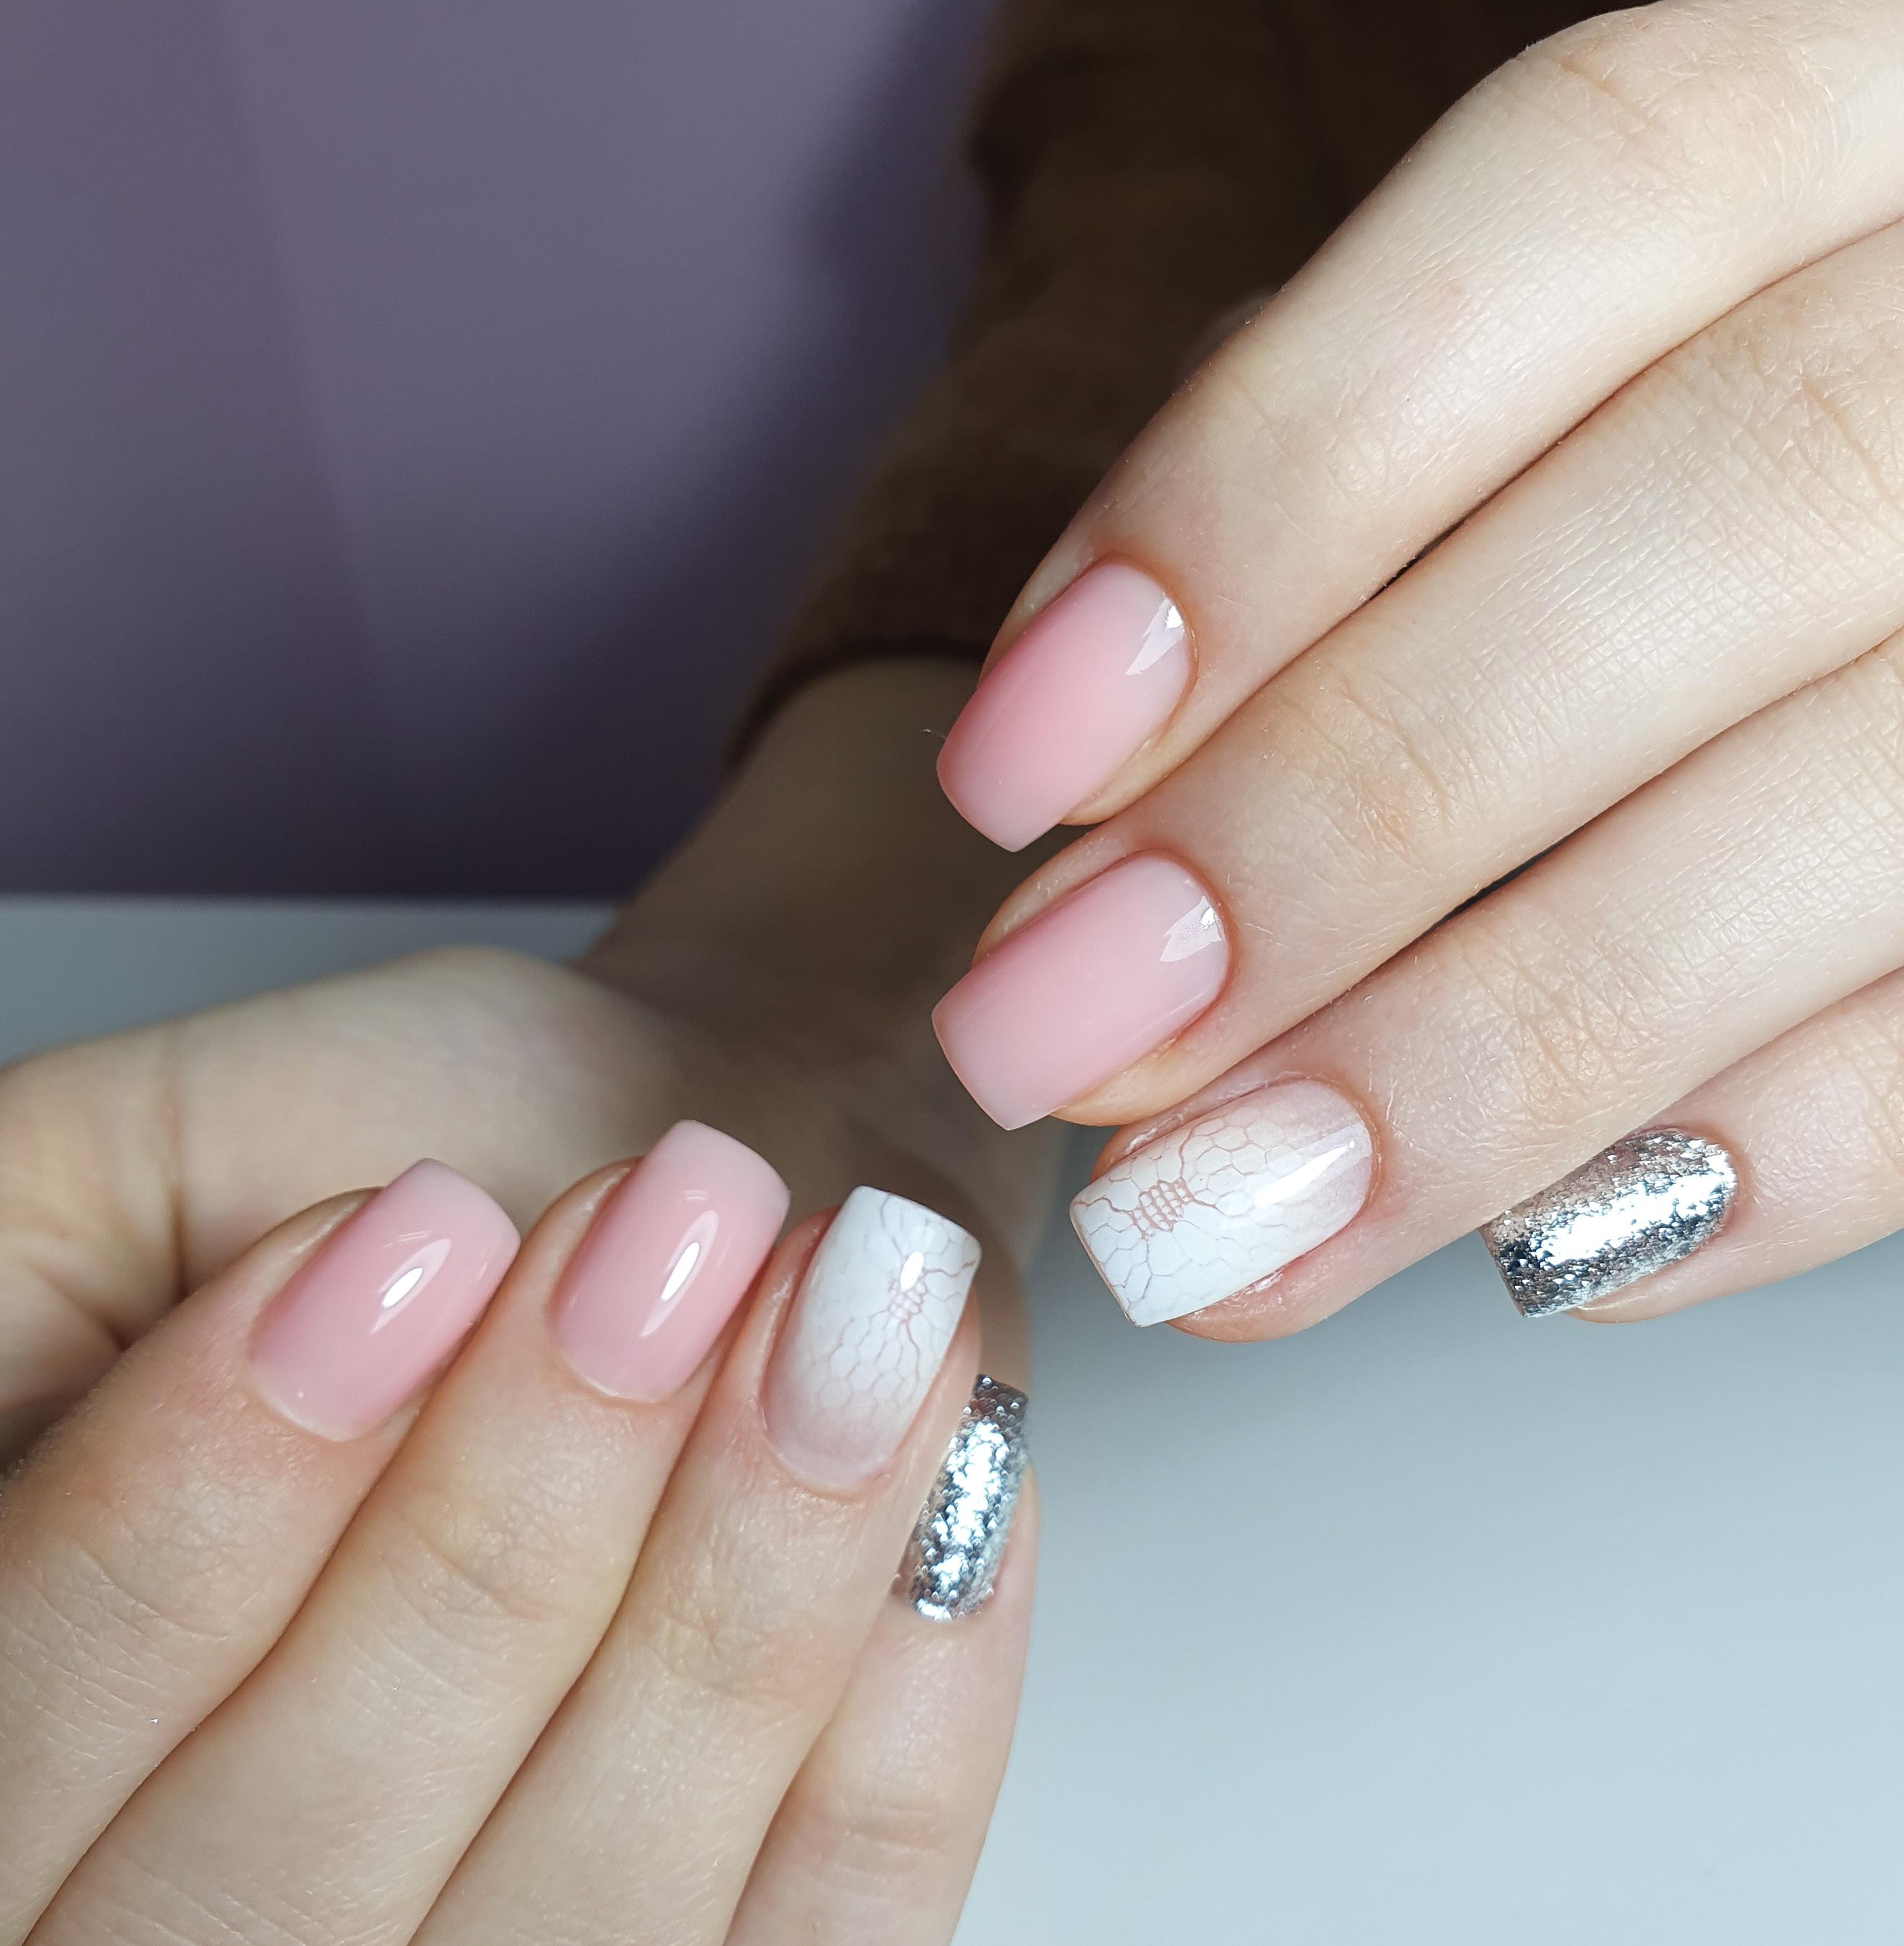 Маникюр с аэрографичным дизайном и серебряными блестками в розовом цвете.